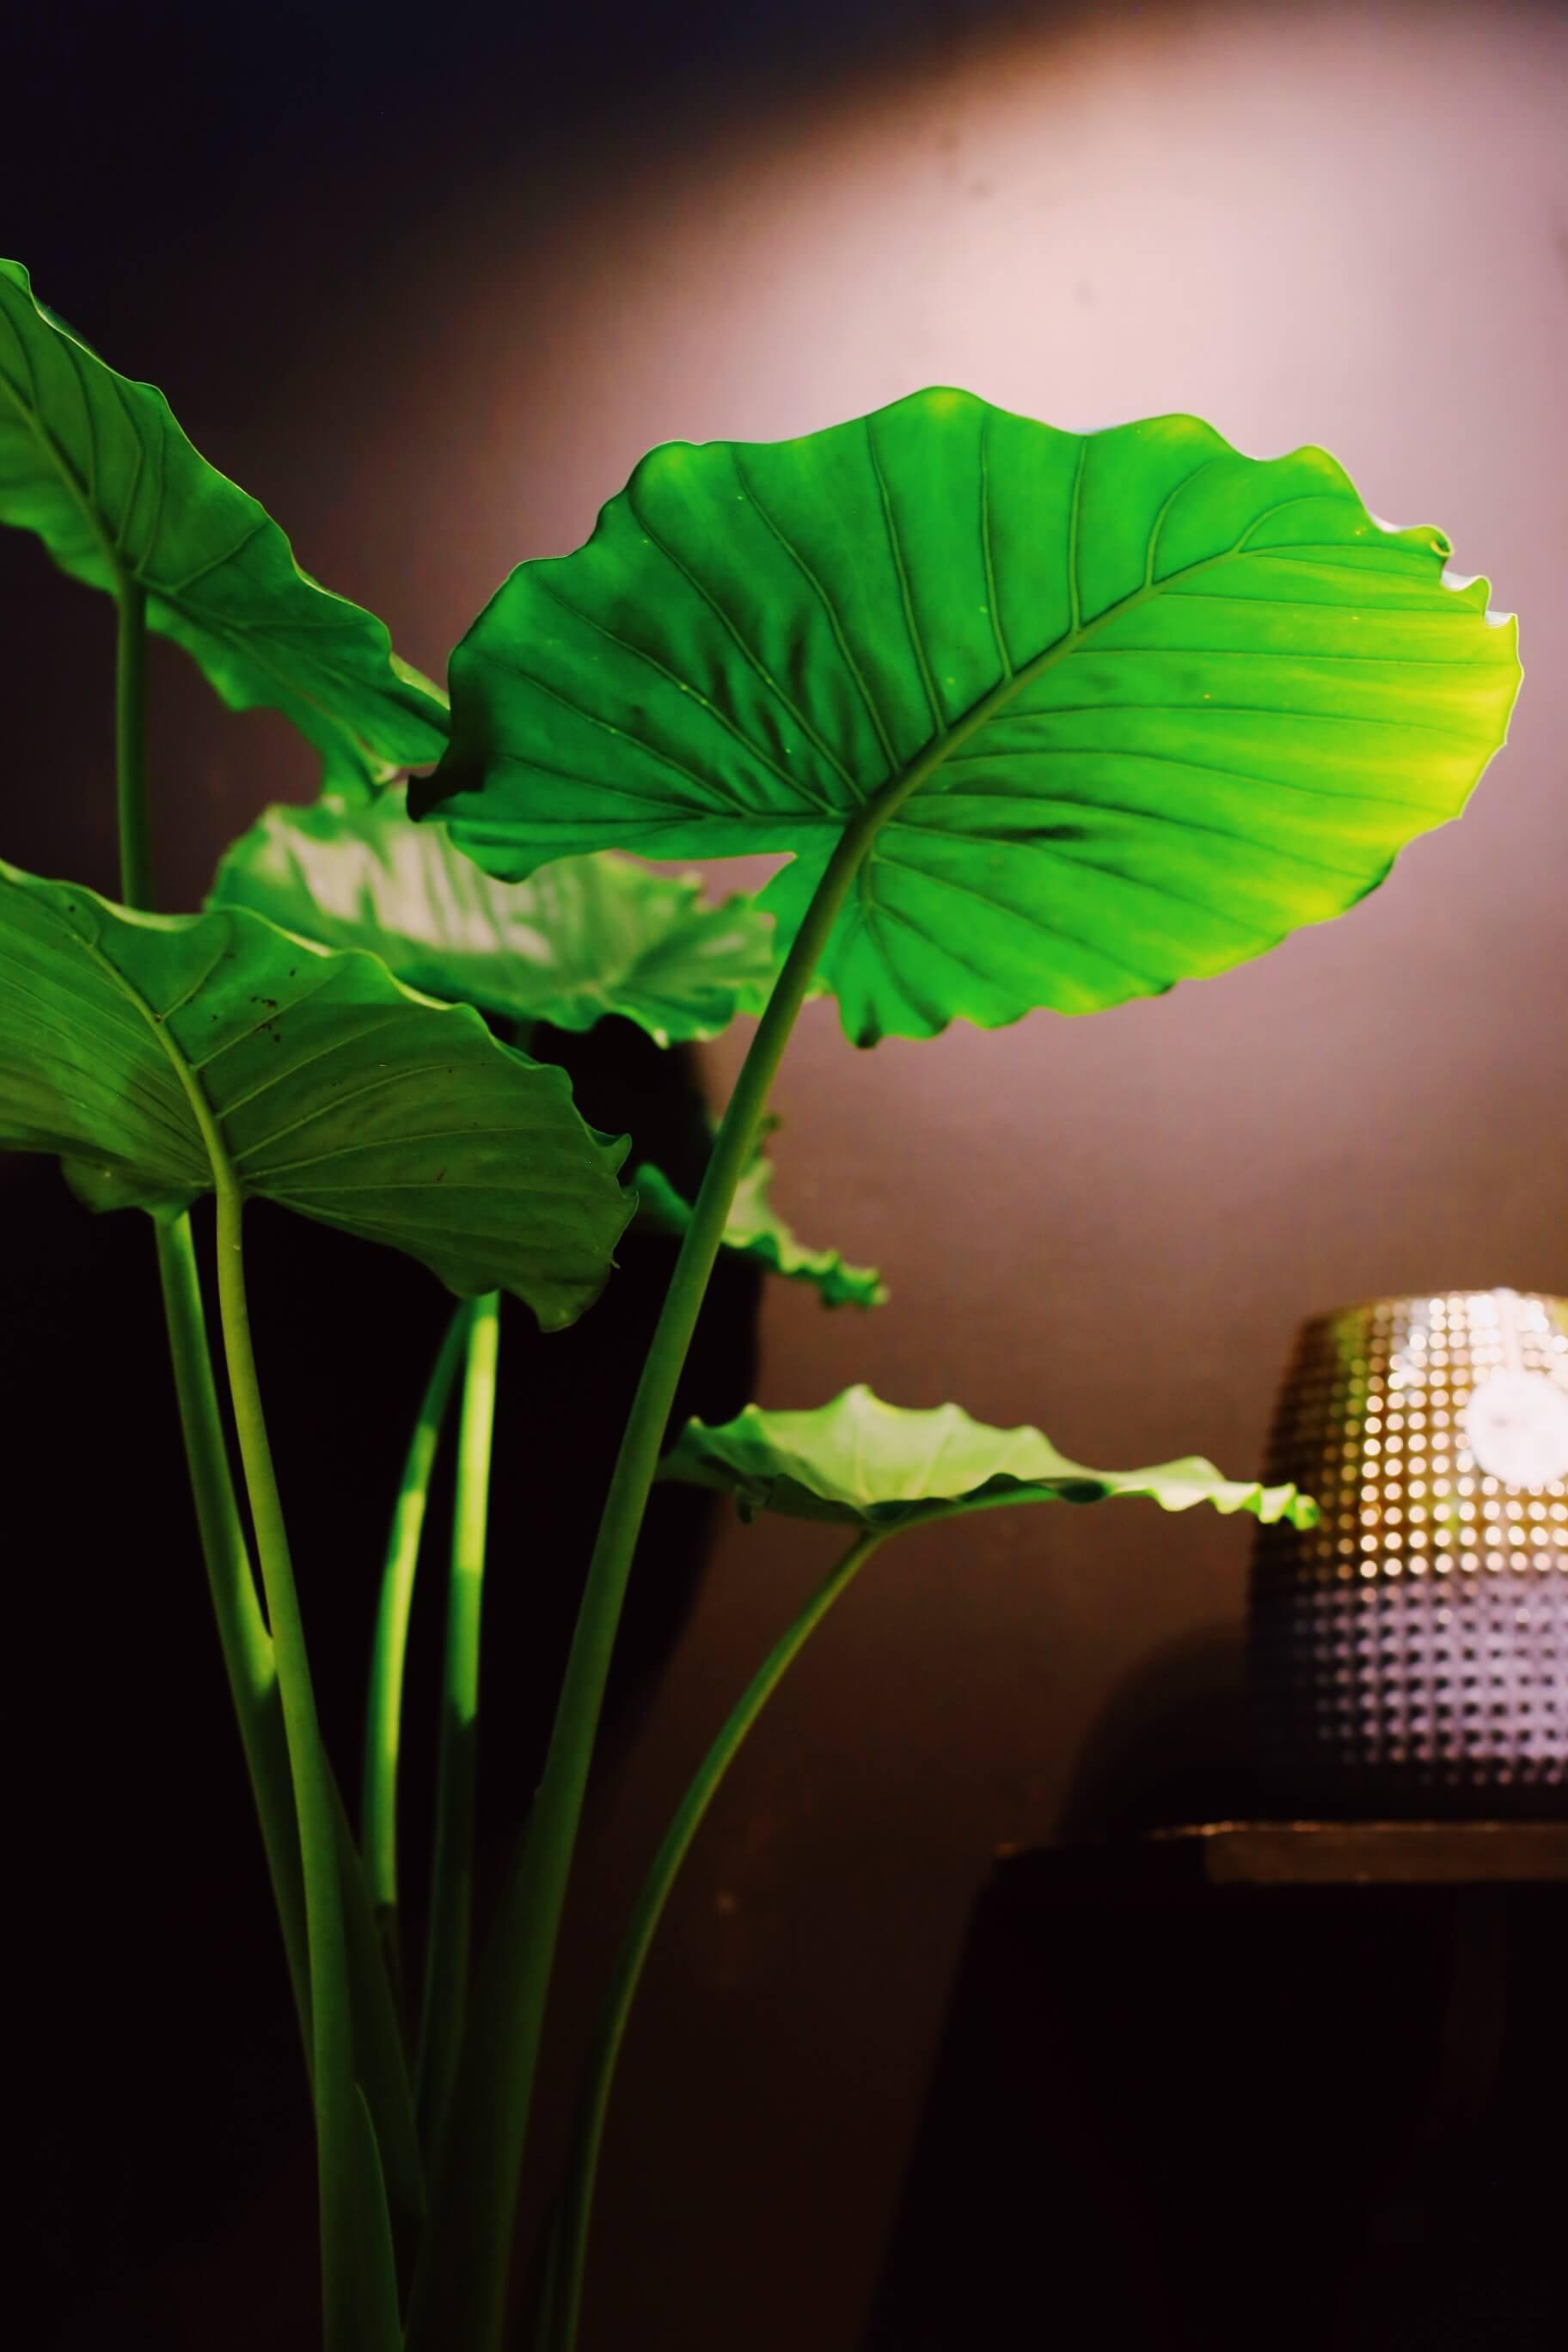 Nosta isolehtinen vehka korkealle ja valaise päältäpäin, saat aivan uuden näkökulman uljaaseen kasviin.